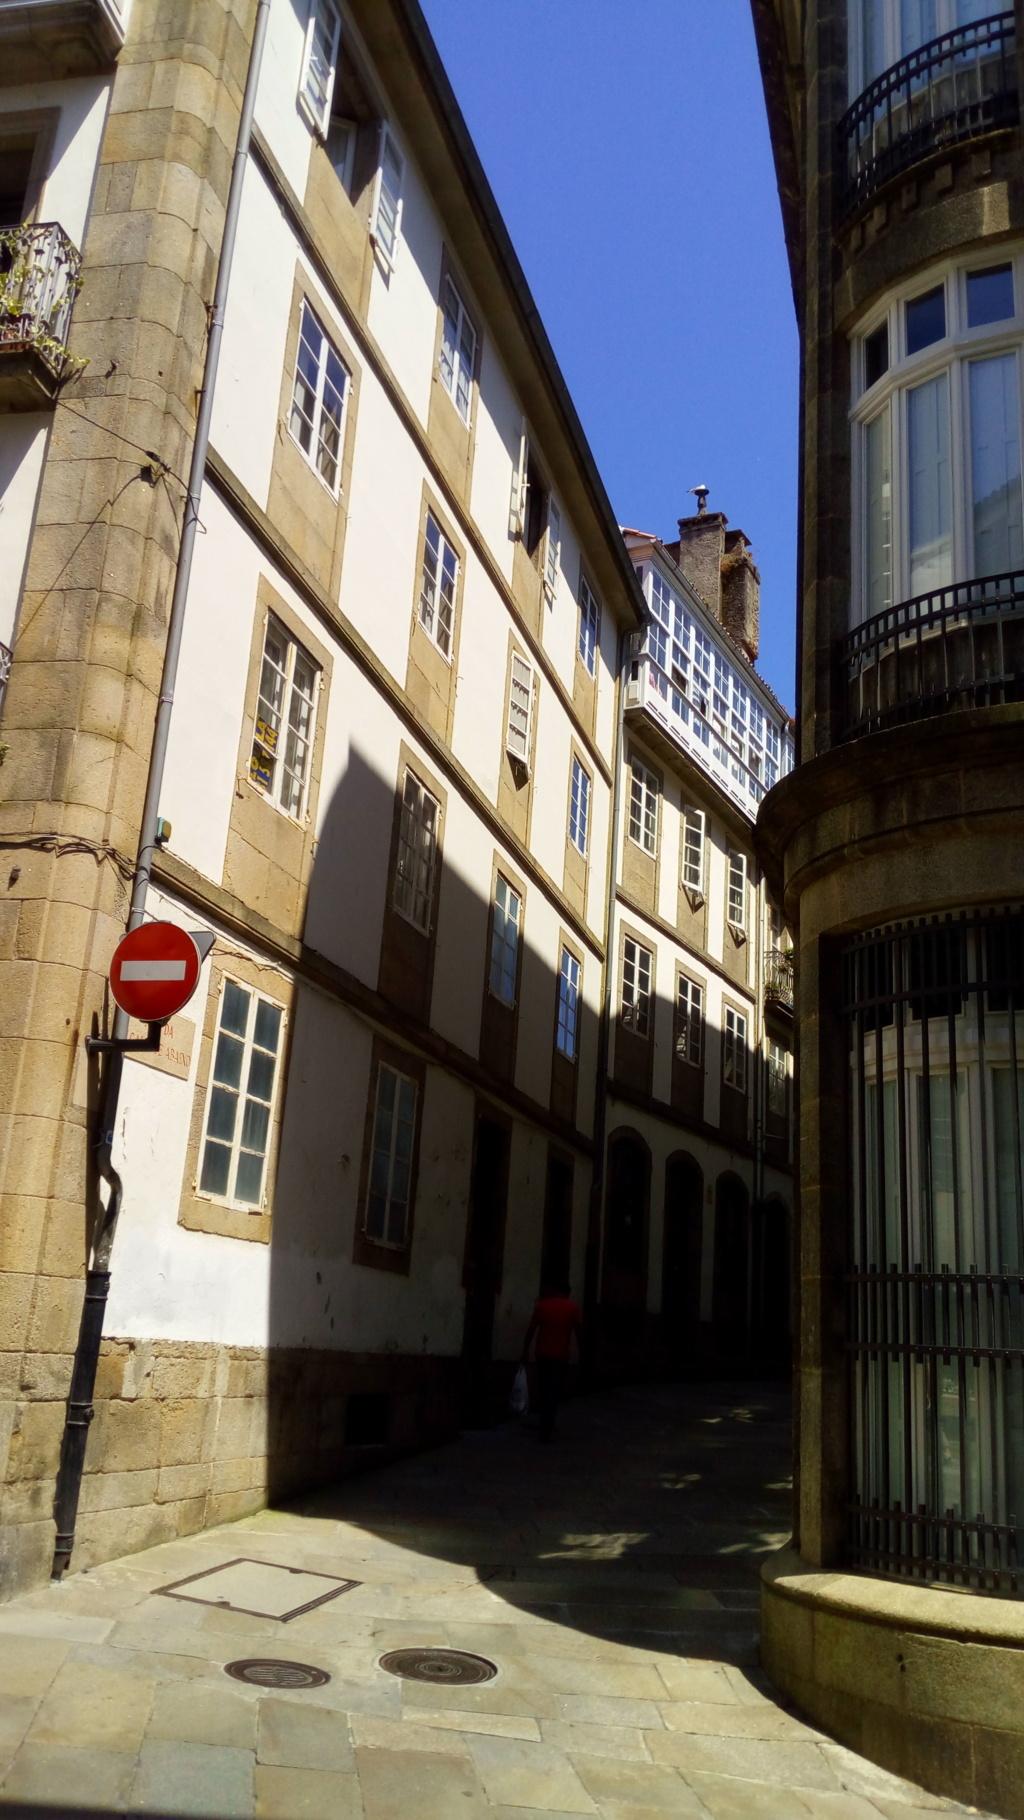 Foto 1 - Accediendo a la Rúa da Algaliua de Abaixo desde Rúa das Casas Reais